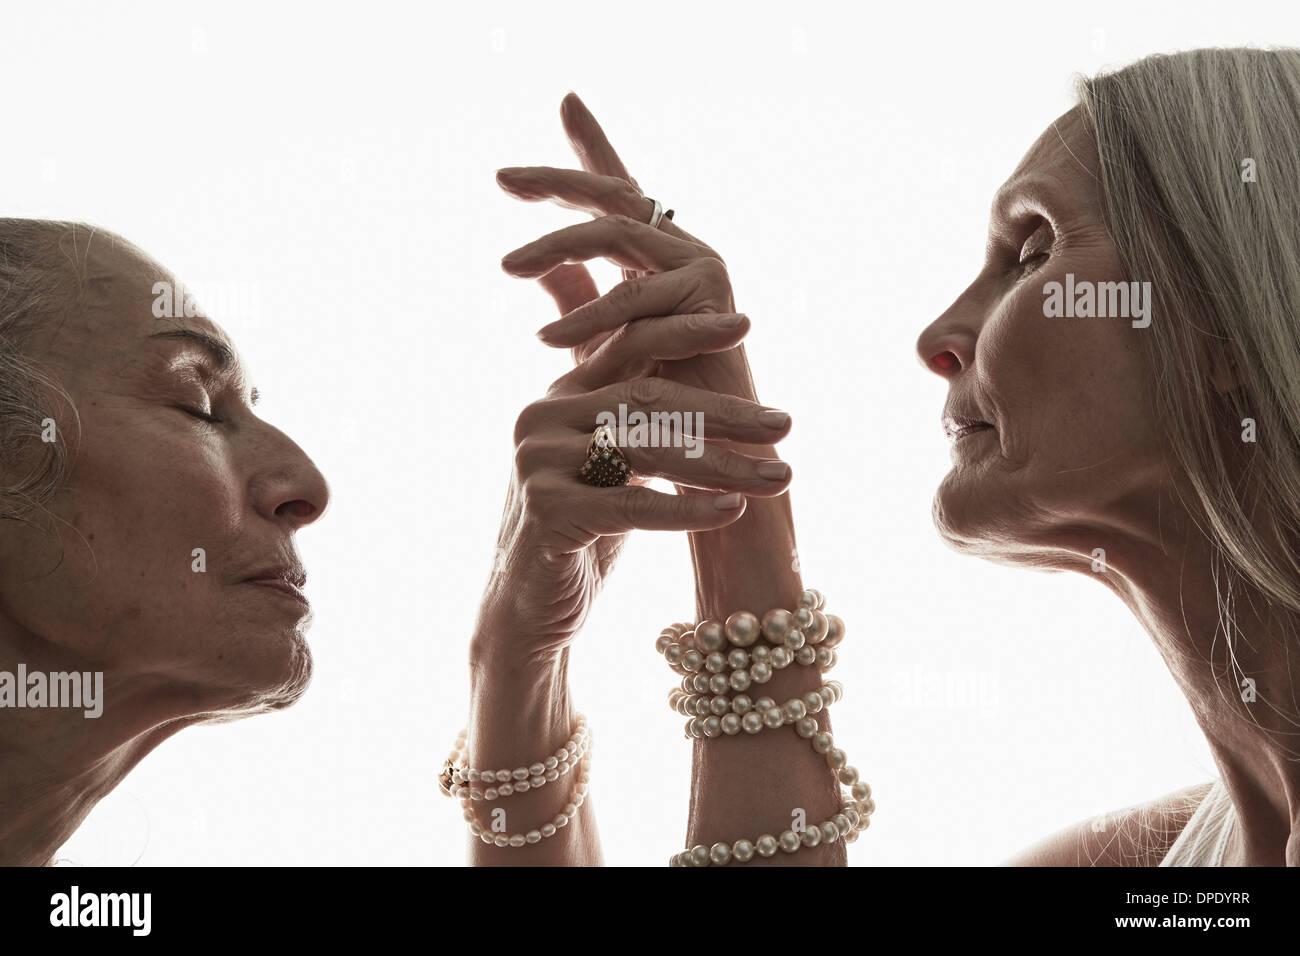 Studioaufnahme von zwei Reife Frauen im Profil mit geschlossenen Augen Stockbild